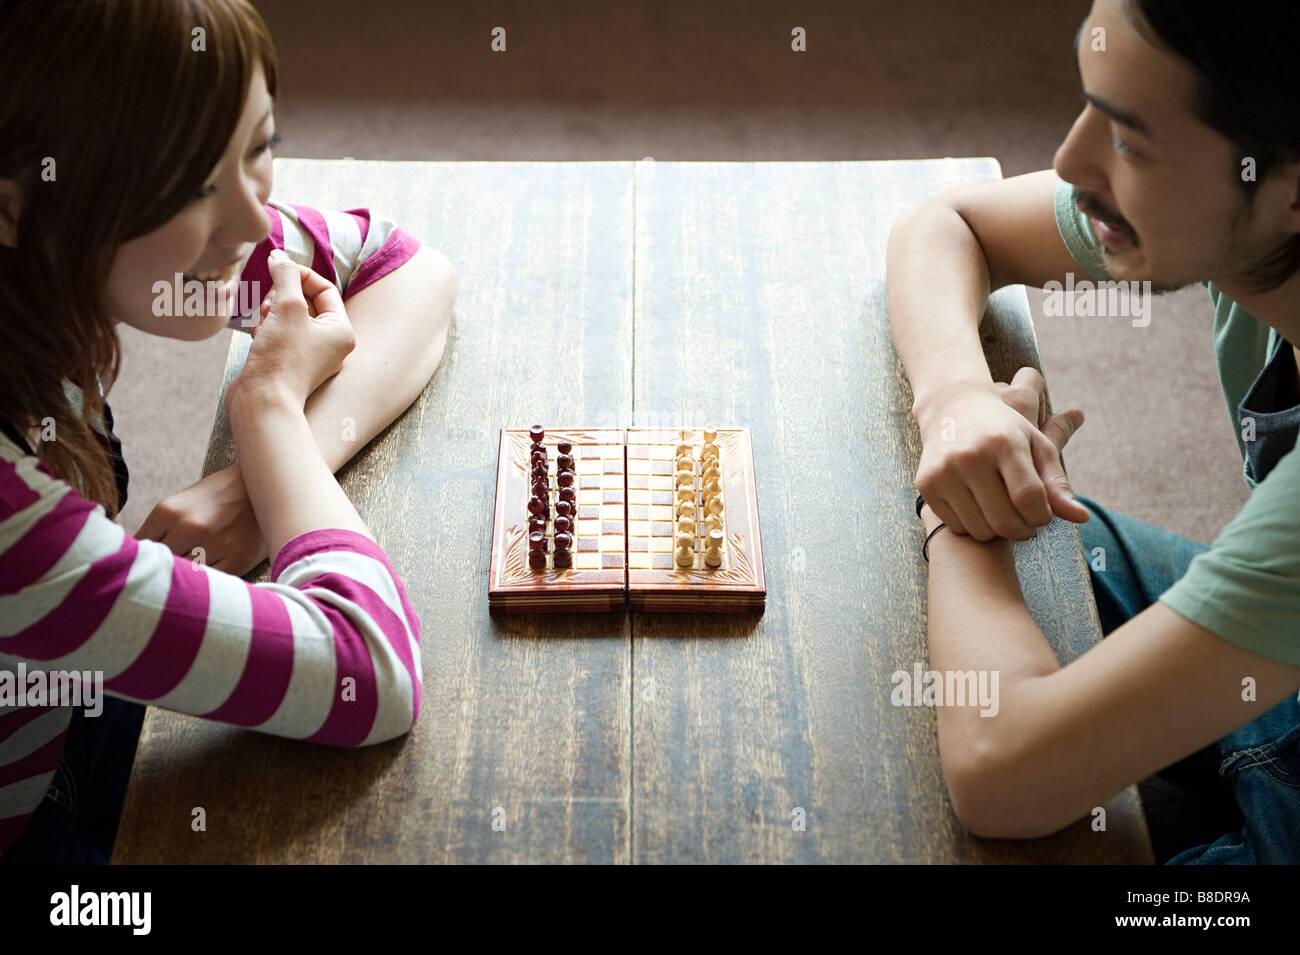 Coppia giovane giocando a scacchi Immagini Stock